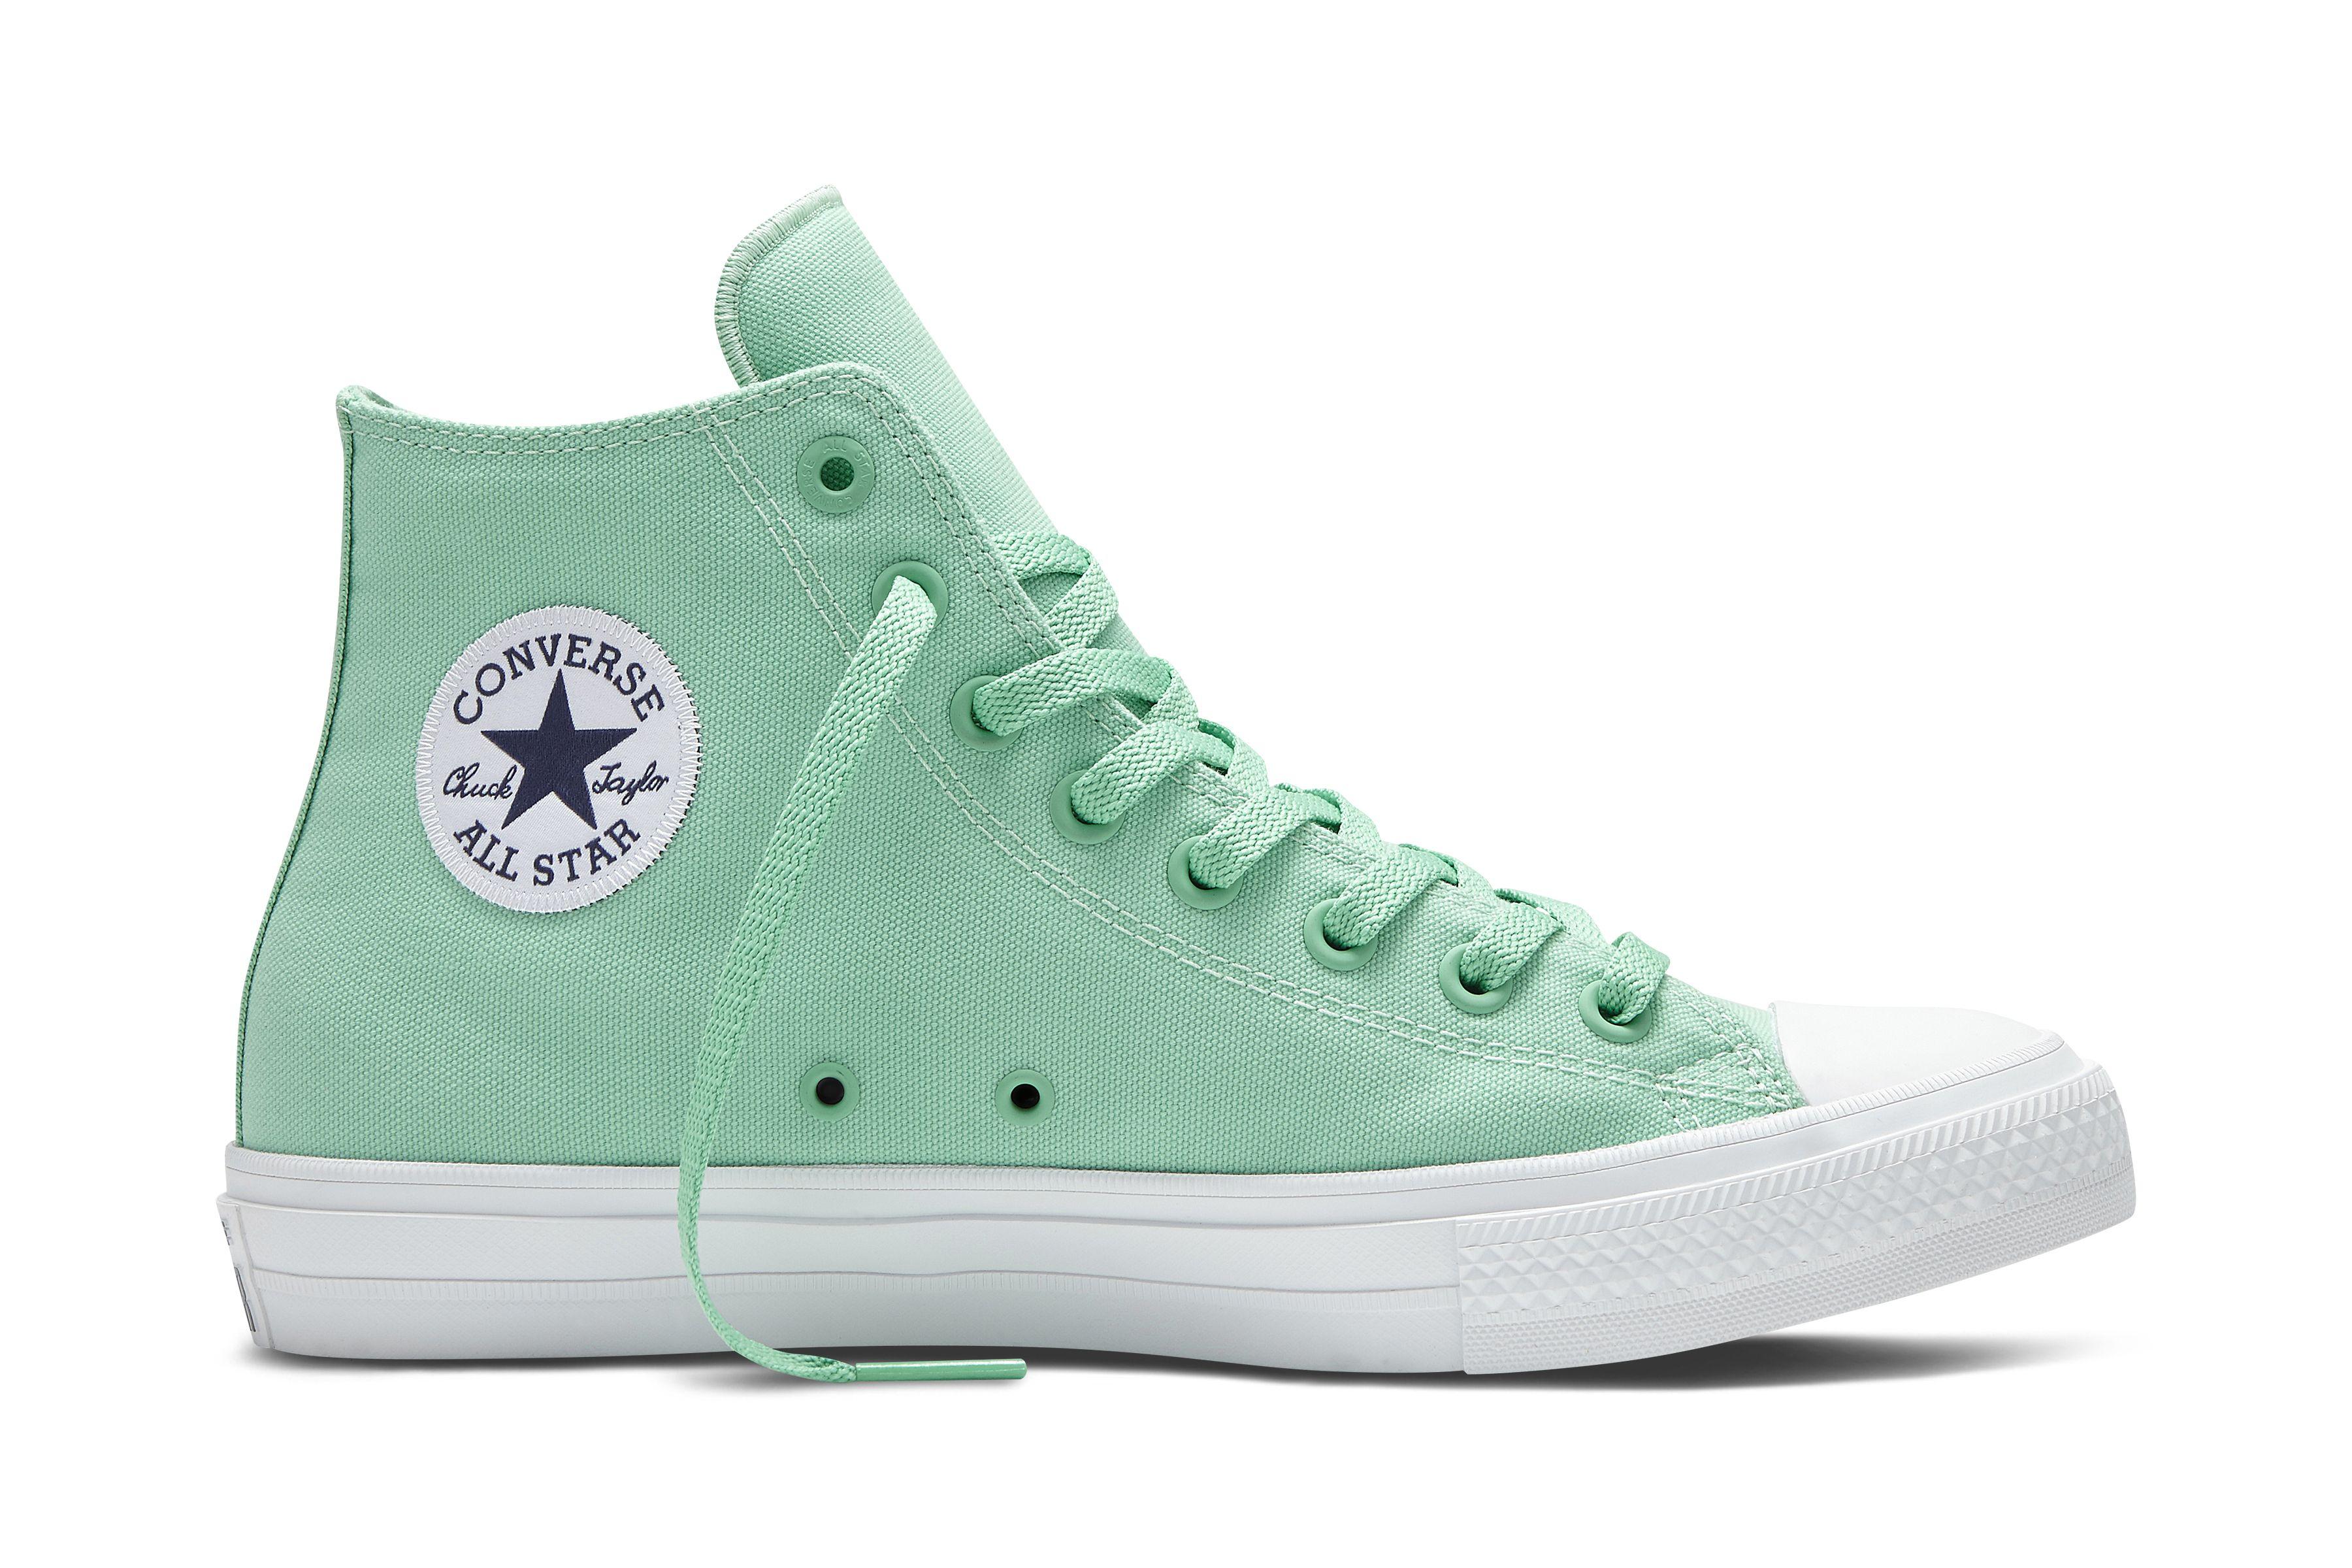 converse chuck taylor all star ii neon pinterest converse chuck